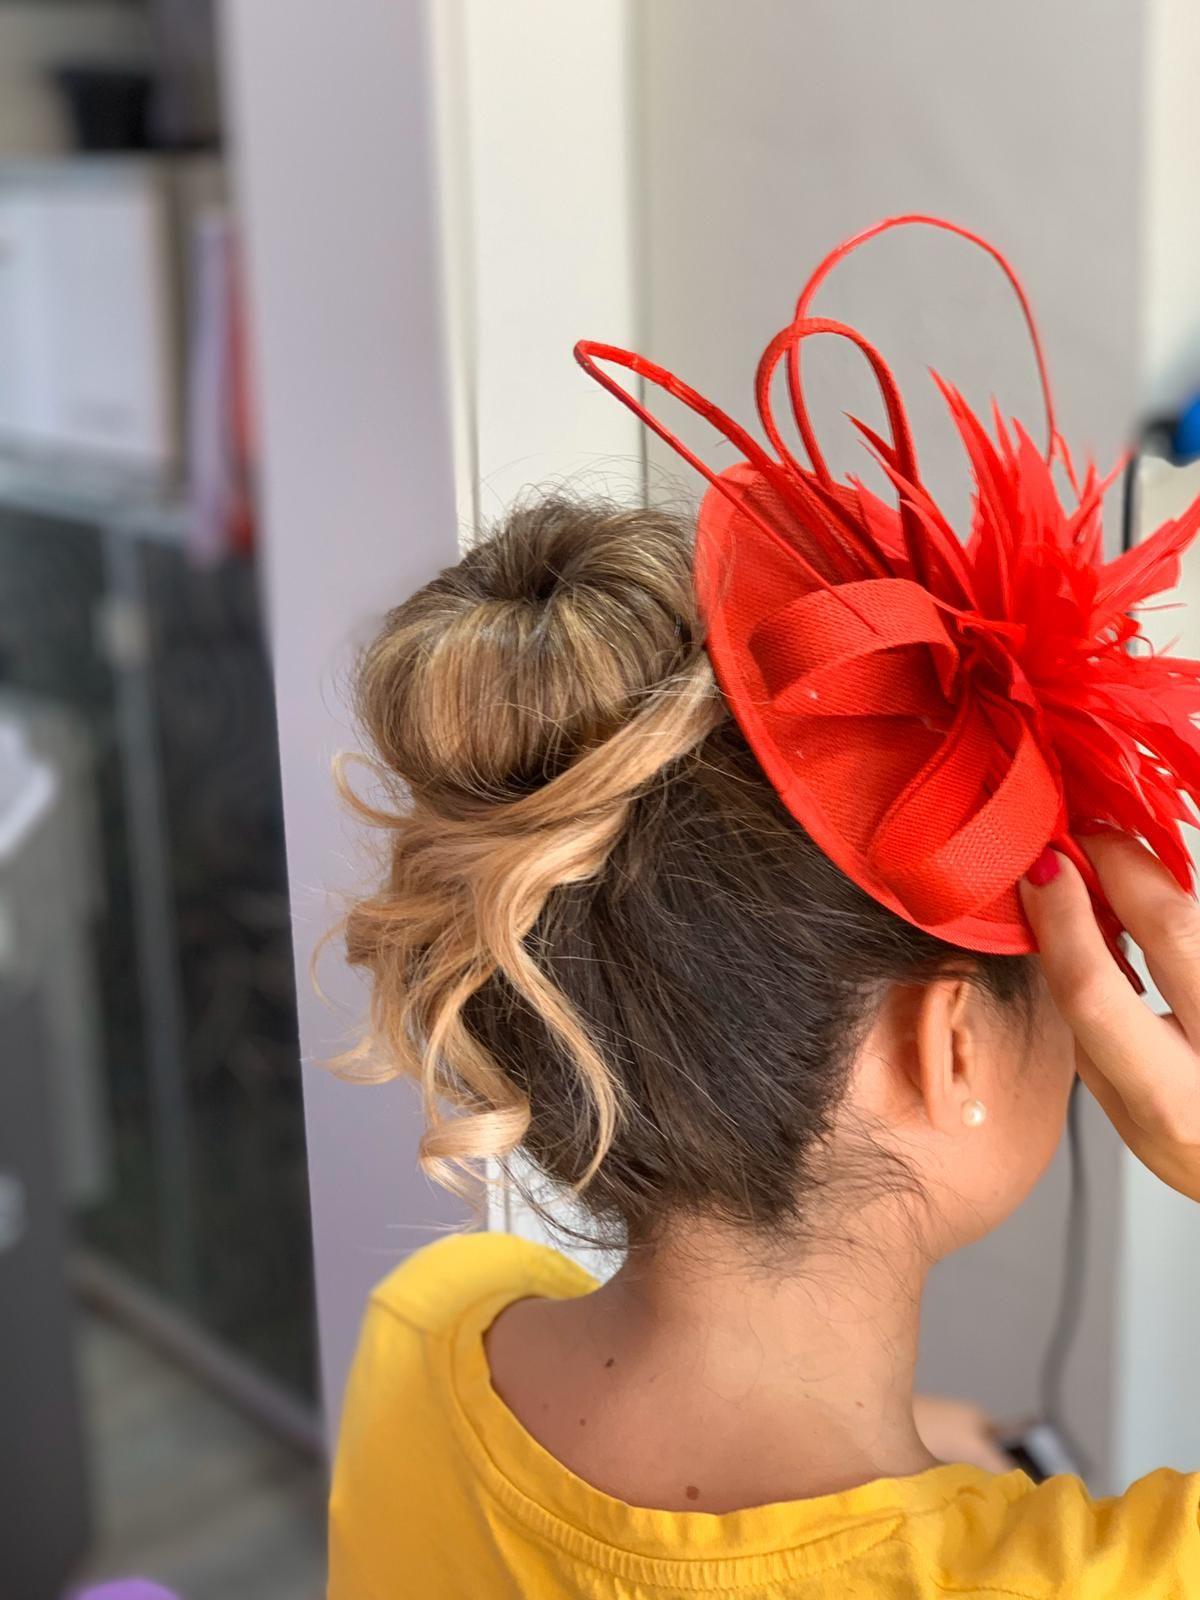 Foto 24 de Hairdressers for men and women en  | Kiko's Peluquería y Estética